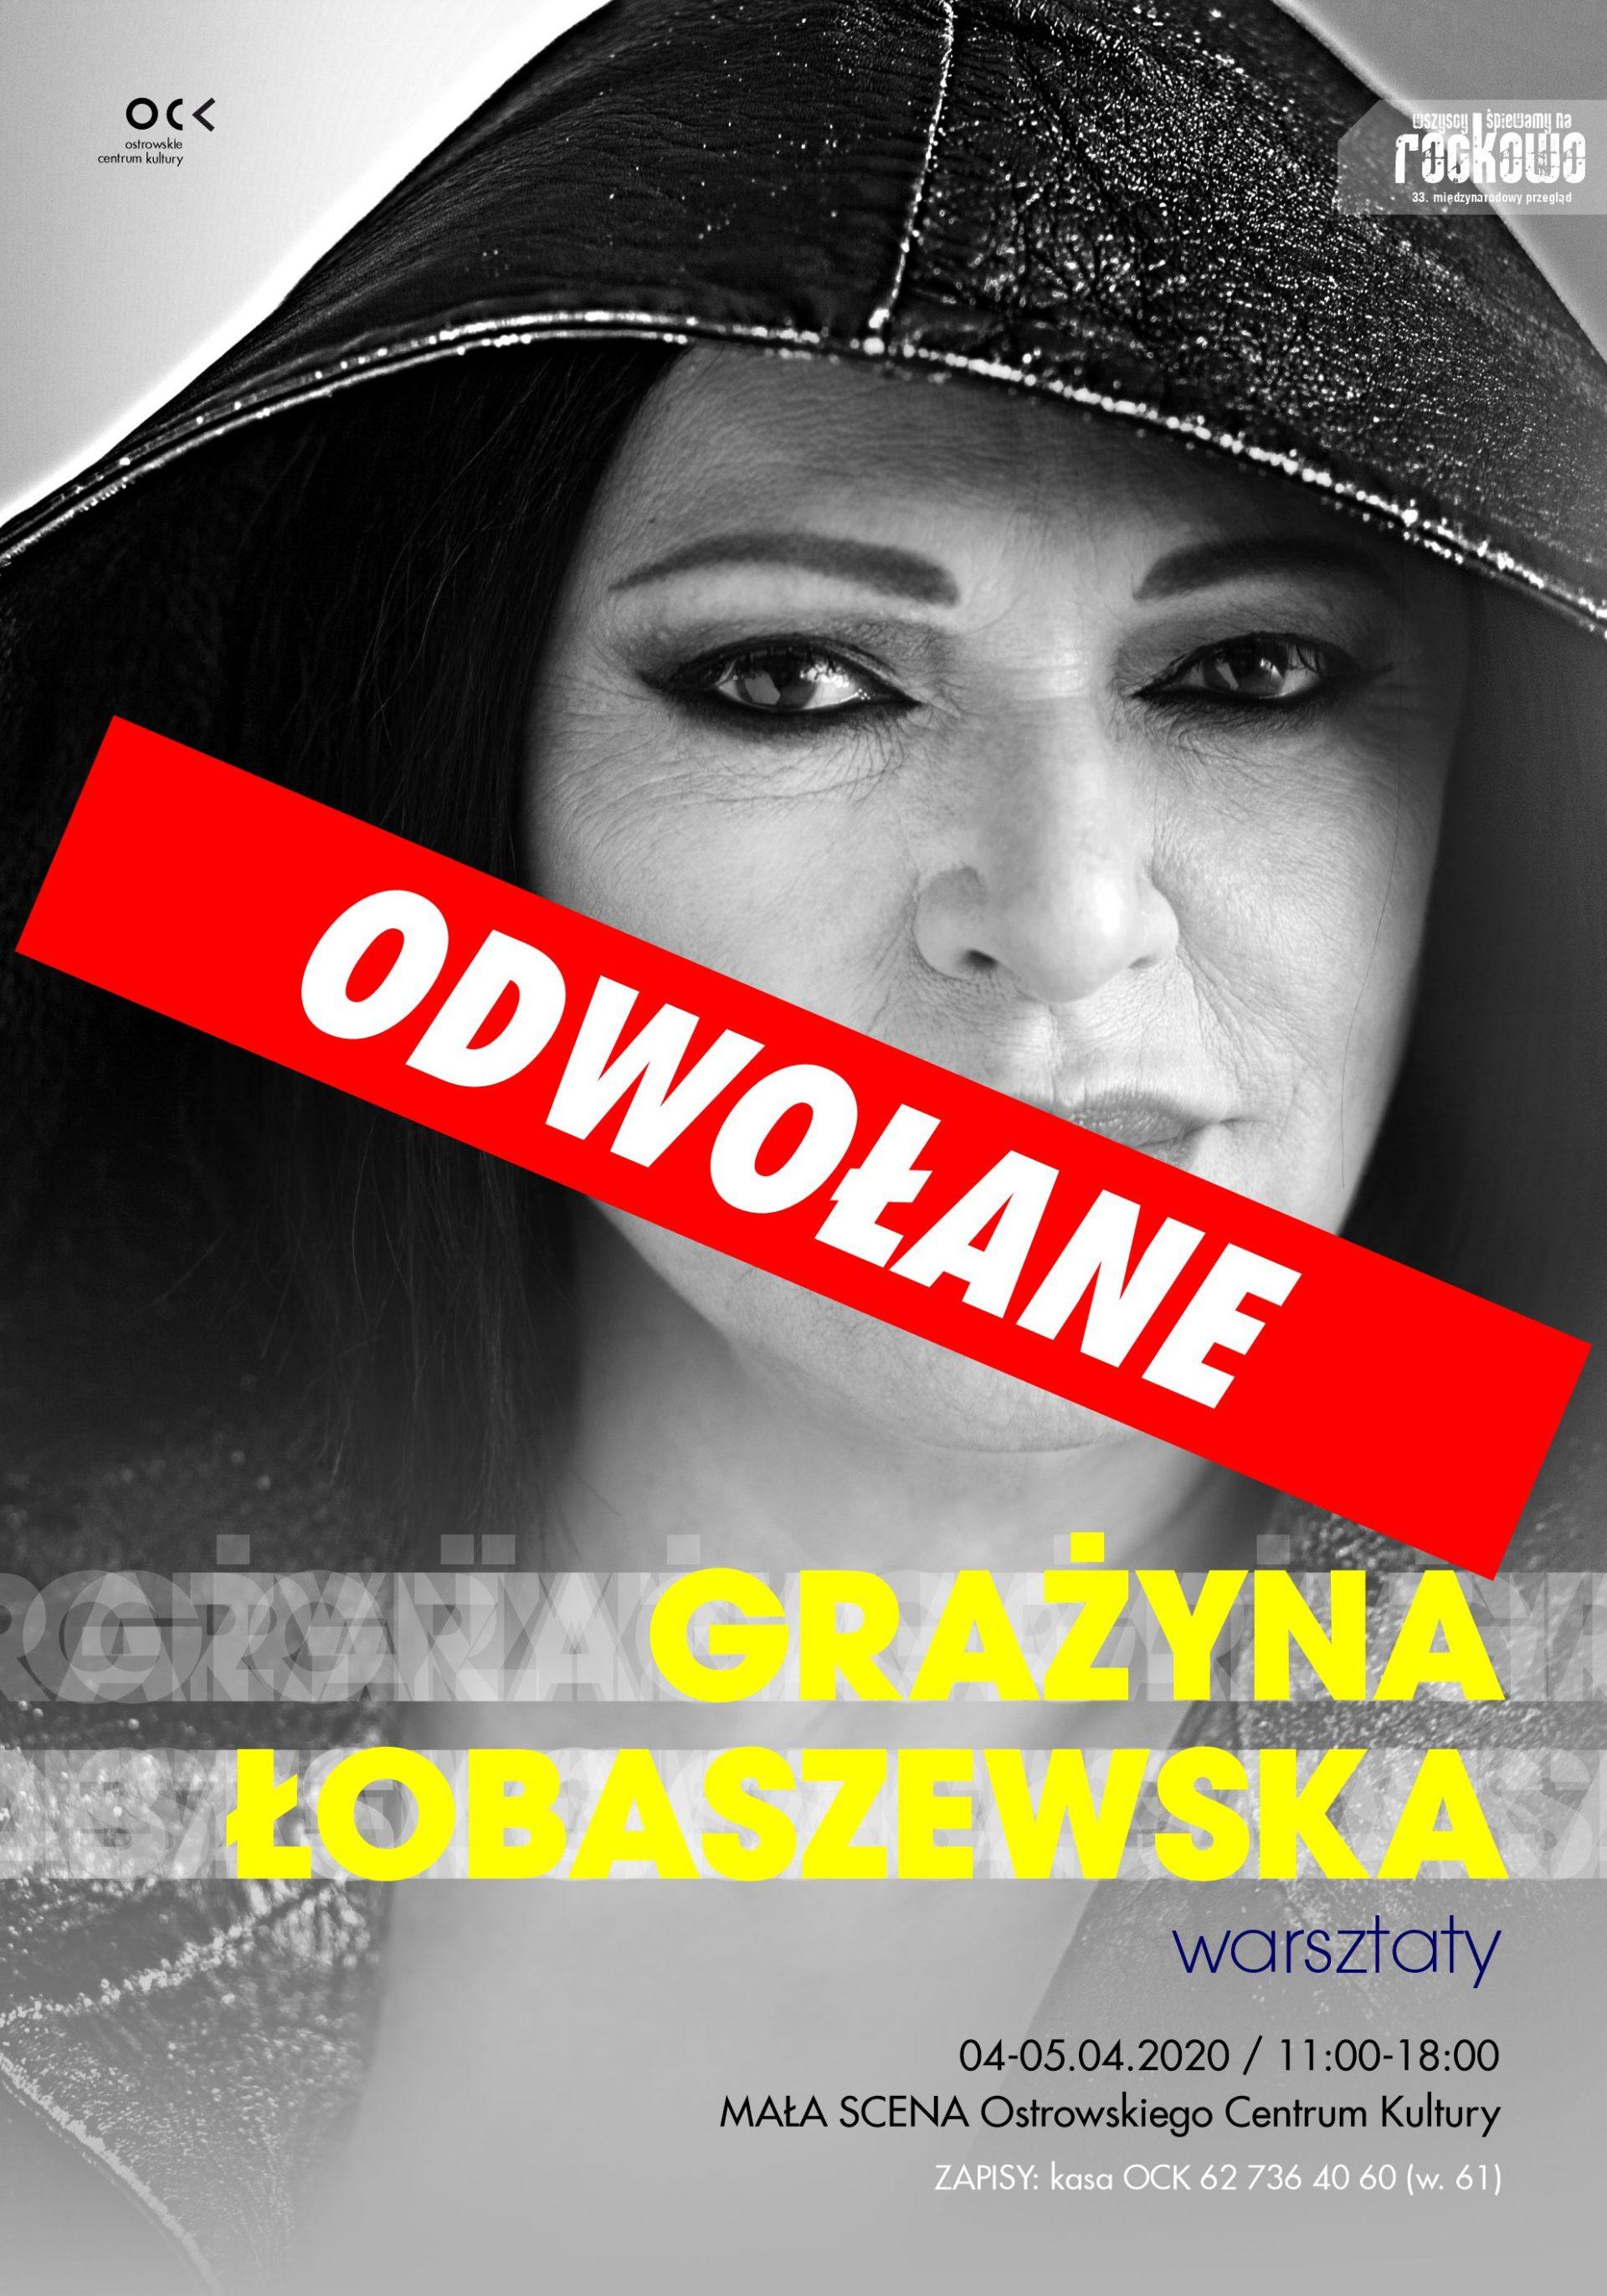 33. WŚnR | Grażyna Łobaszewska – warsztaty wokalne